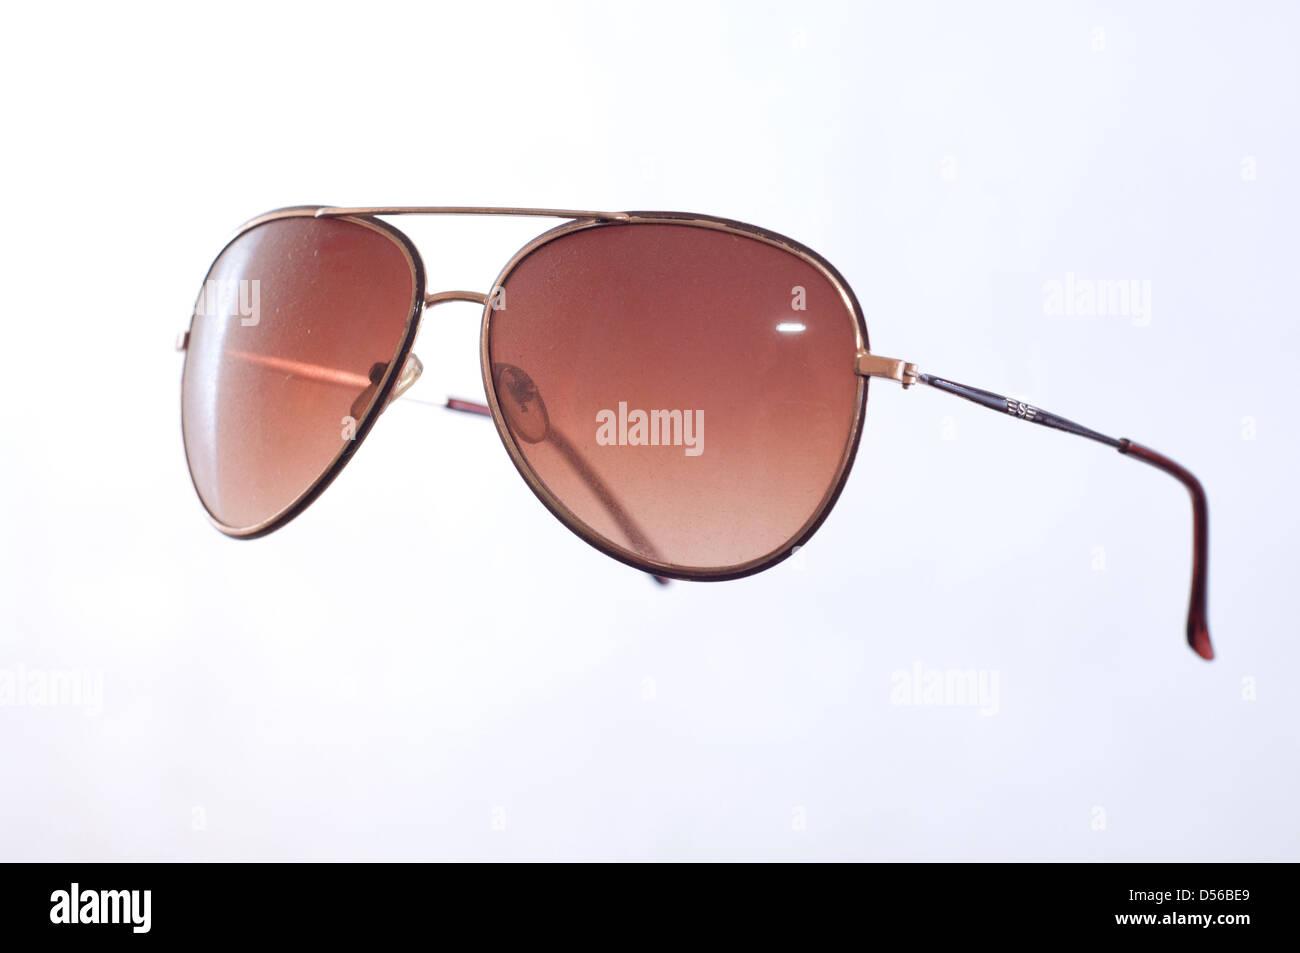 Polveroso lenti di occhiali marrone Immagini Stock